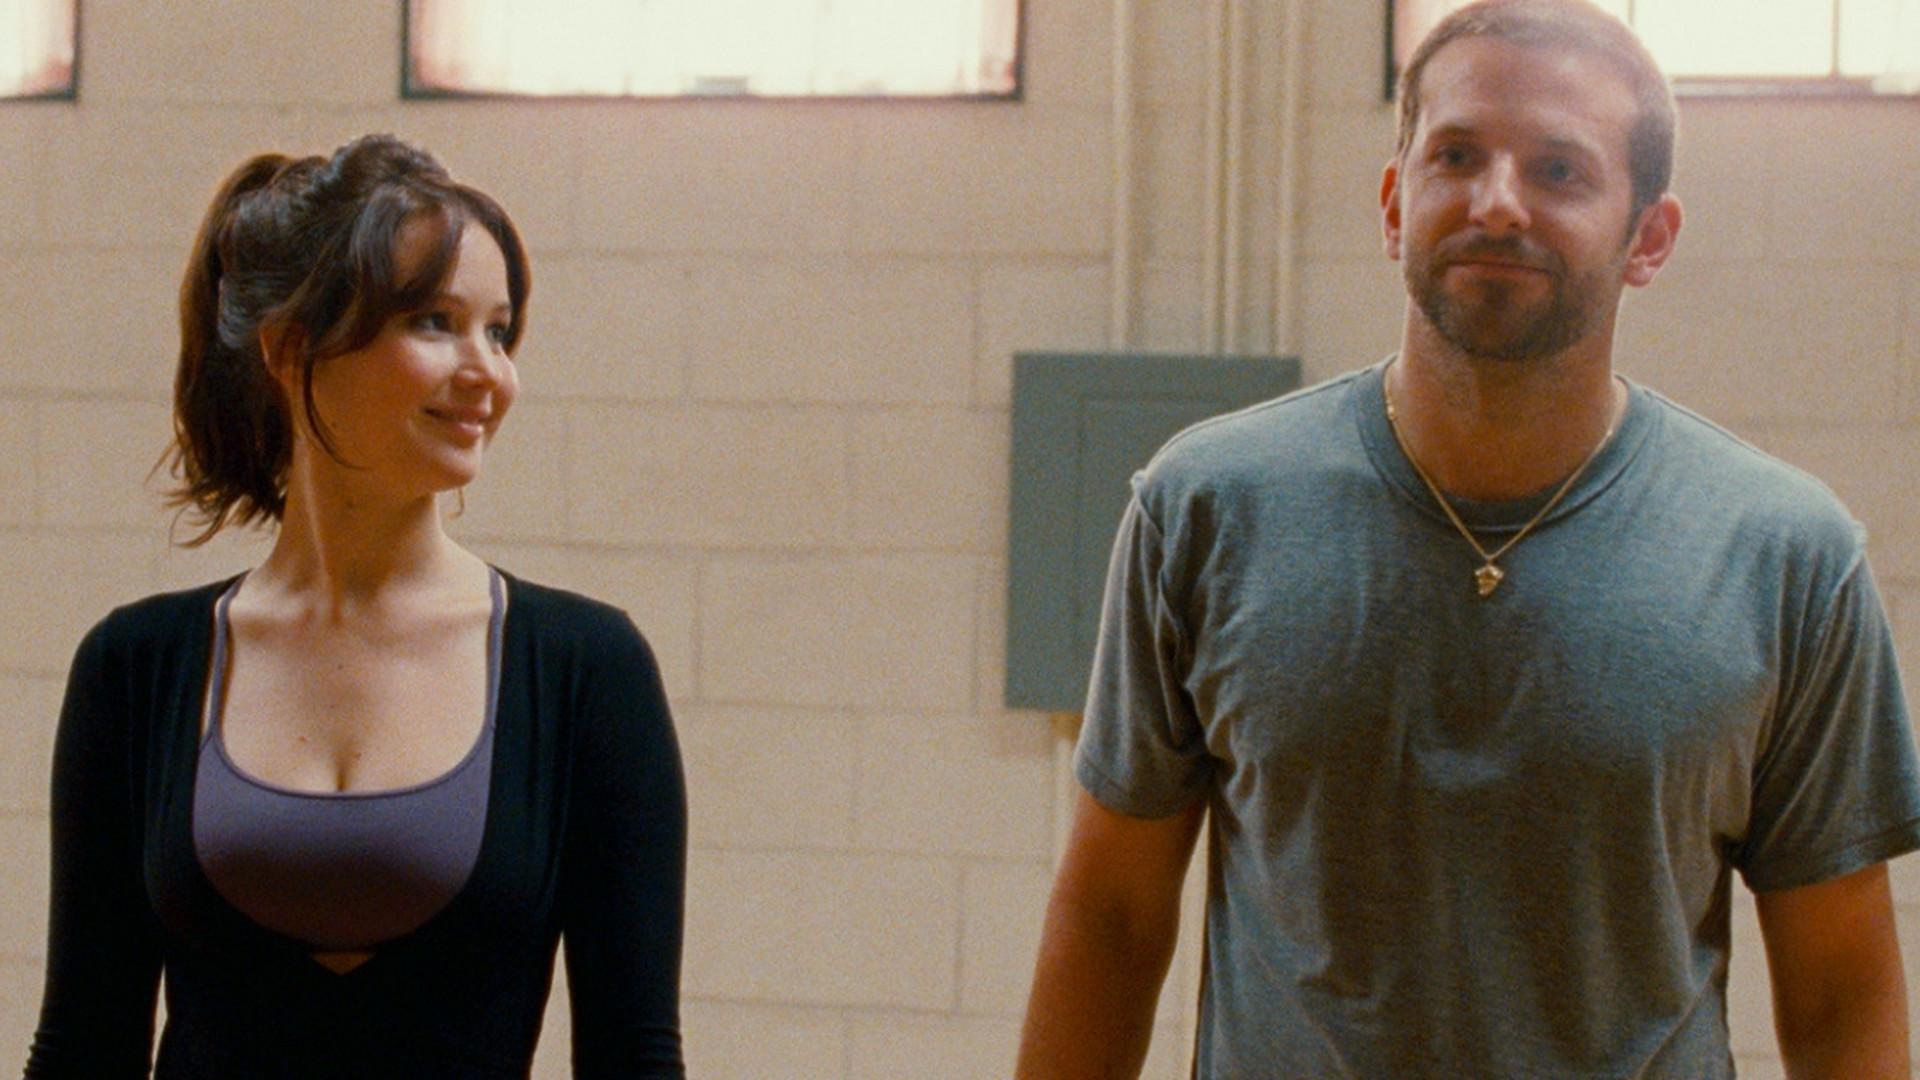 79c43c62d Slzy aj smiech: 11 tipov na filmy, ktoré s tvojimi emóciami poriadne  zamávajú